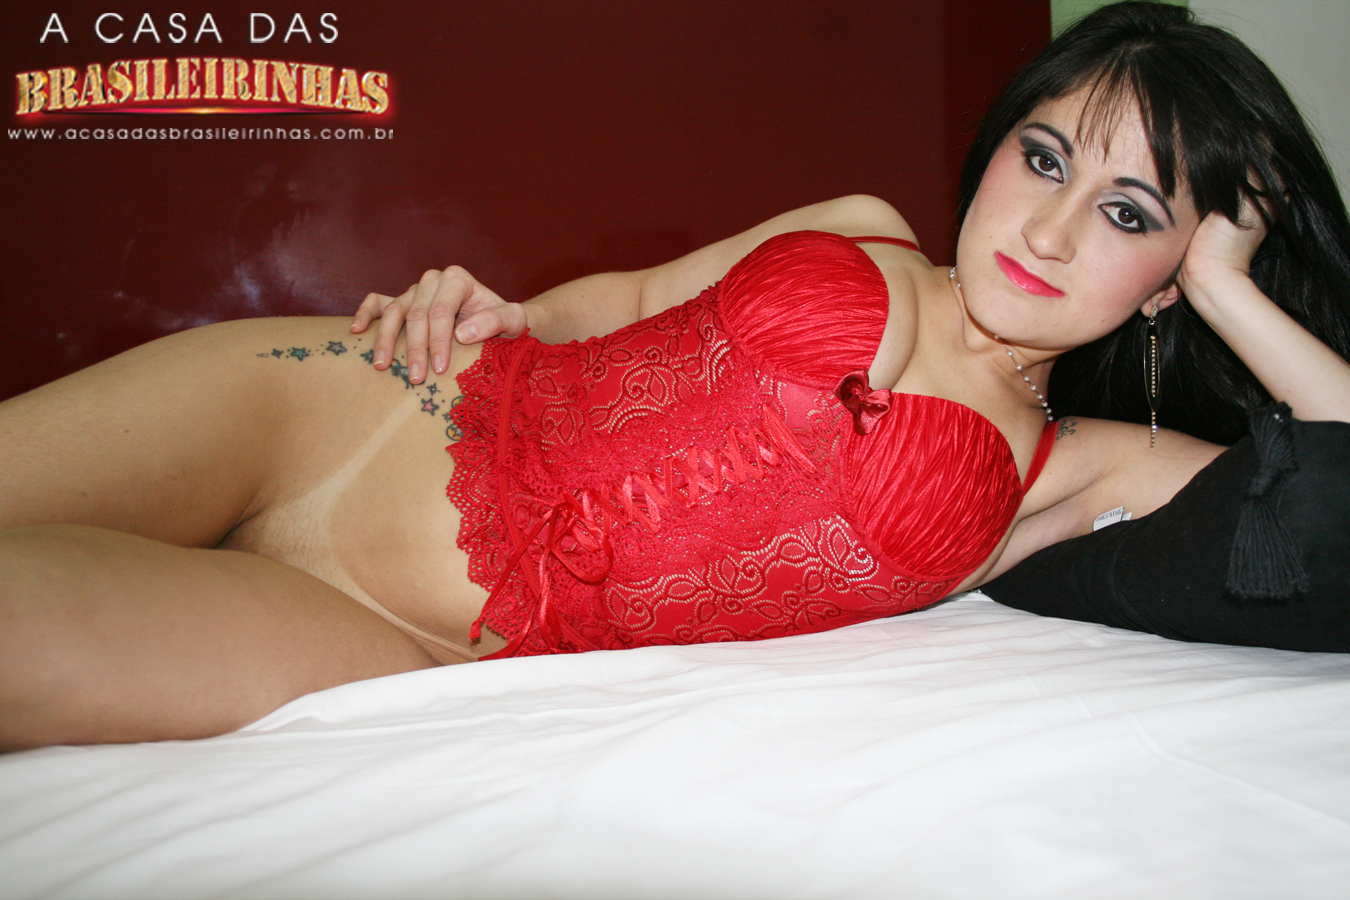 bia-marques-de-lingerie-vermelha-sem-calcinha.JPG